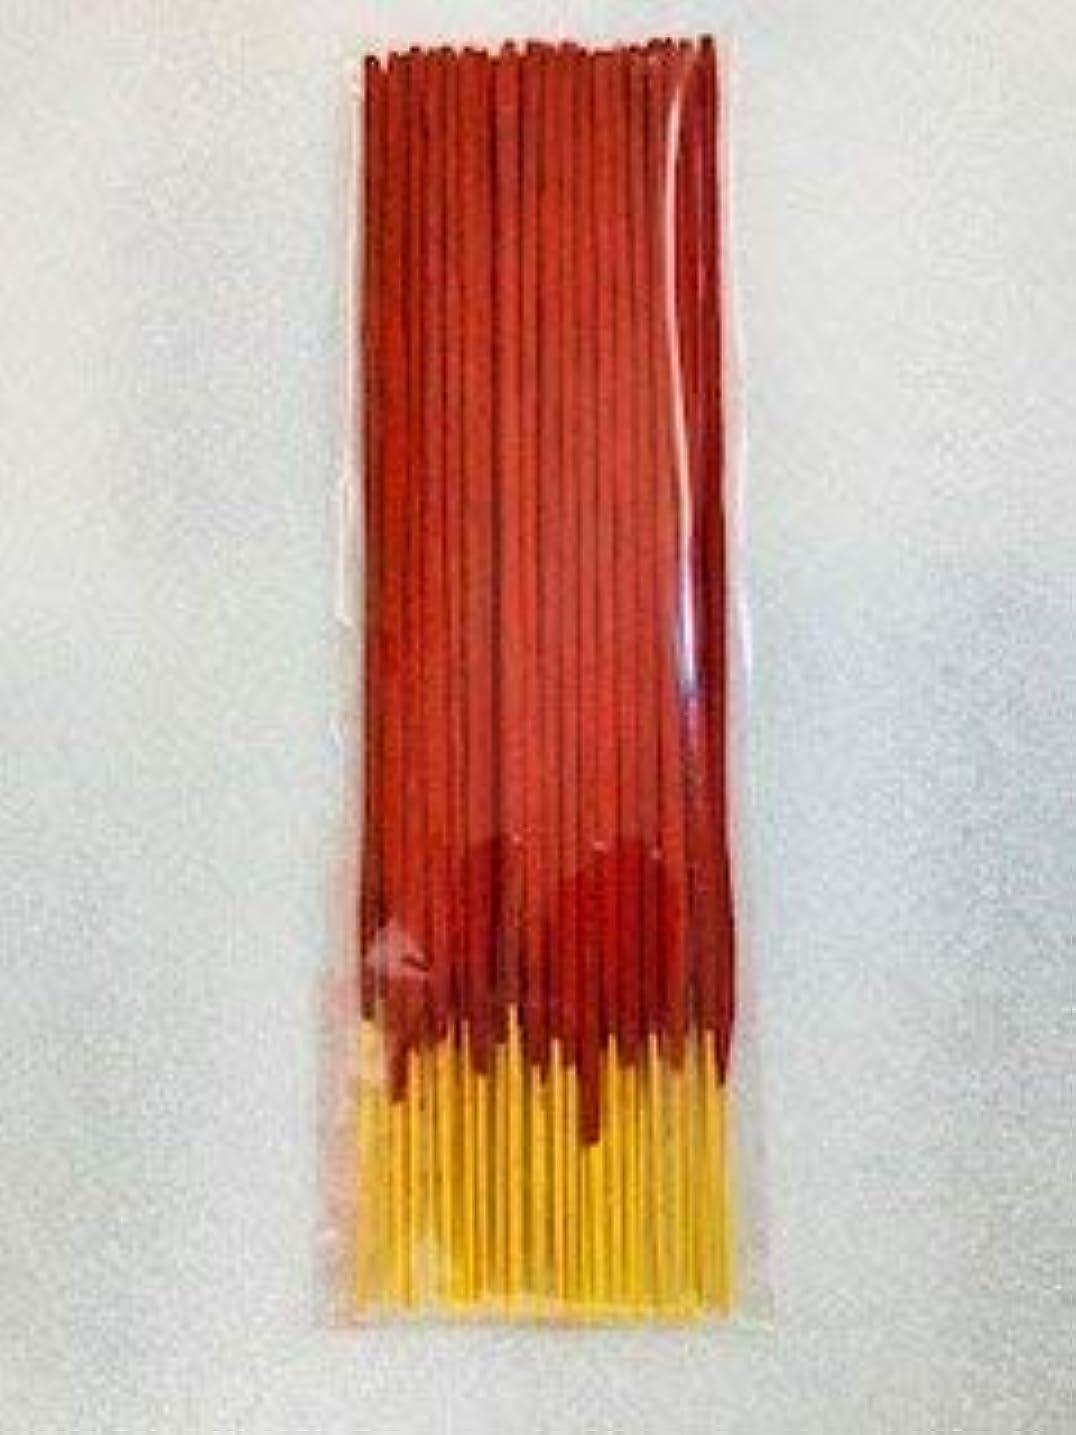 シマウママイク聡明GT Fragrance Marketing Agency Saffron Incense Sticks (100 g) Bundle of 2 Packs